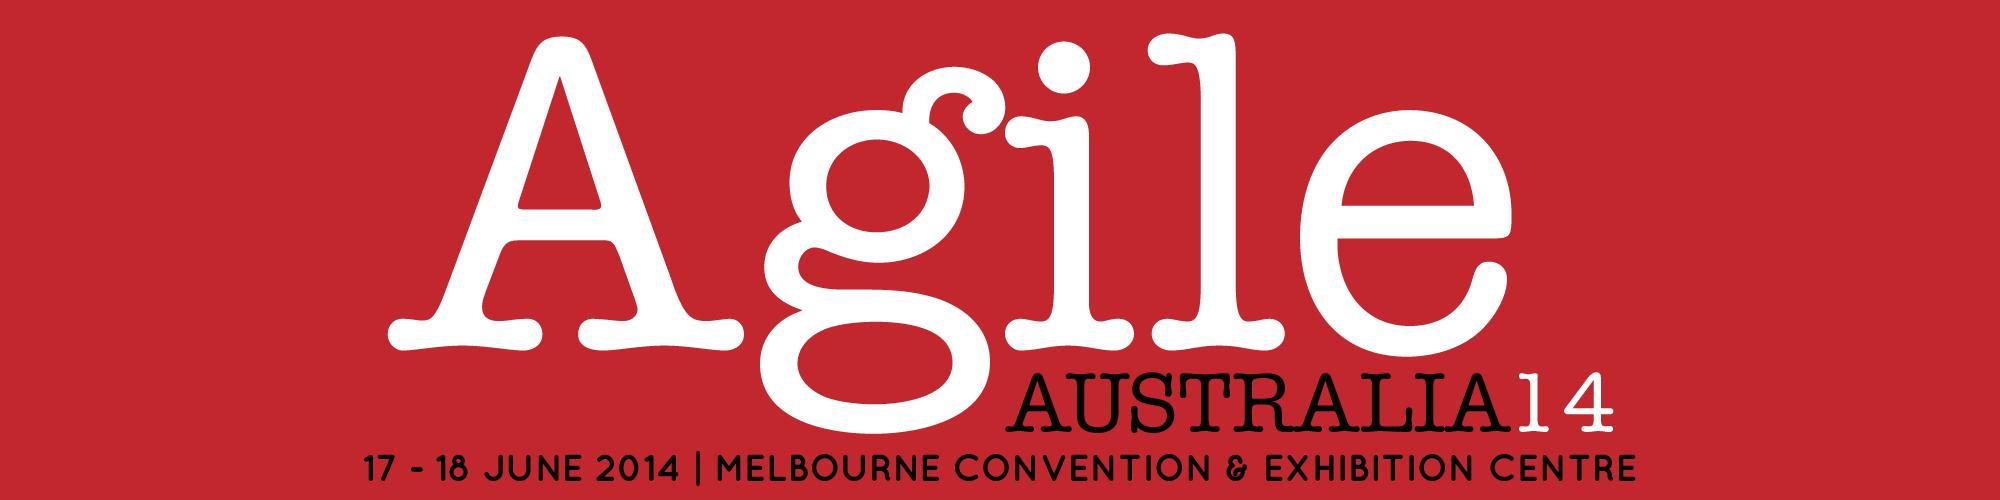 Agile Australia 2014